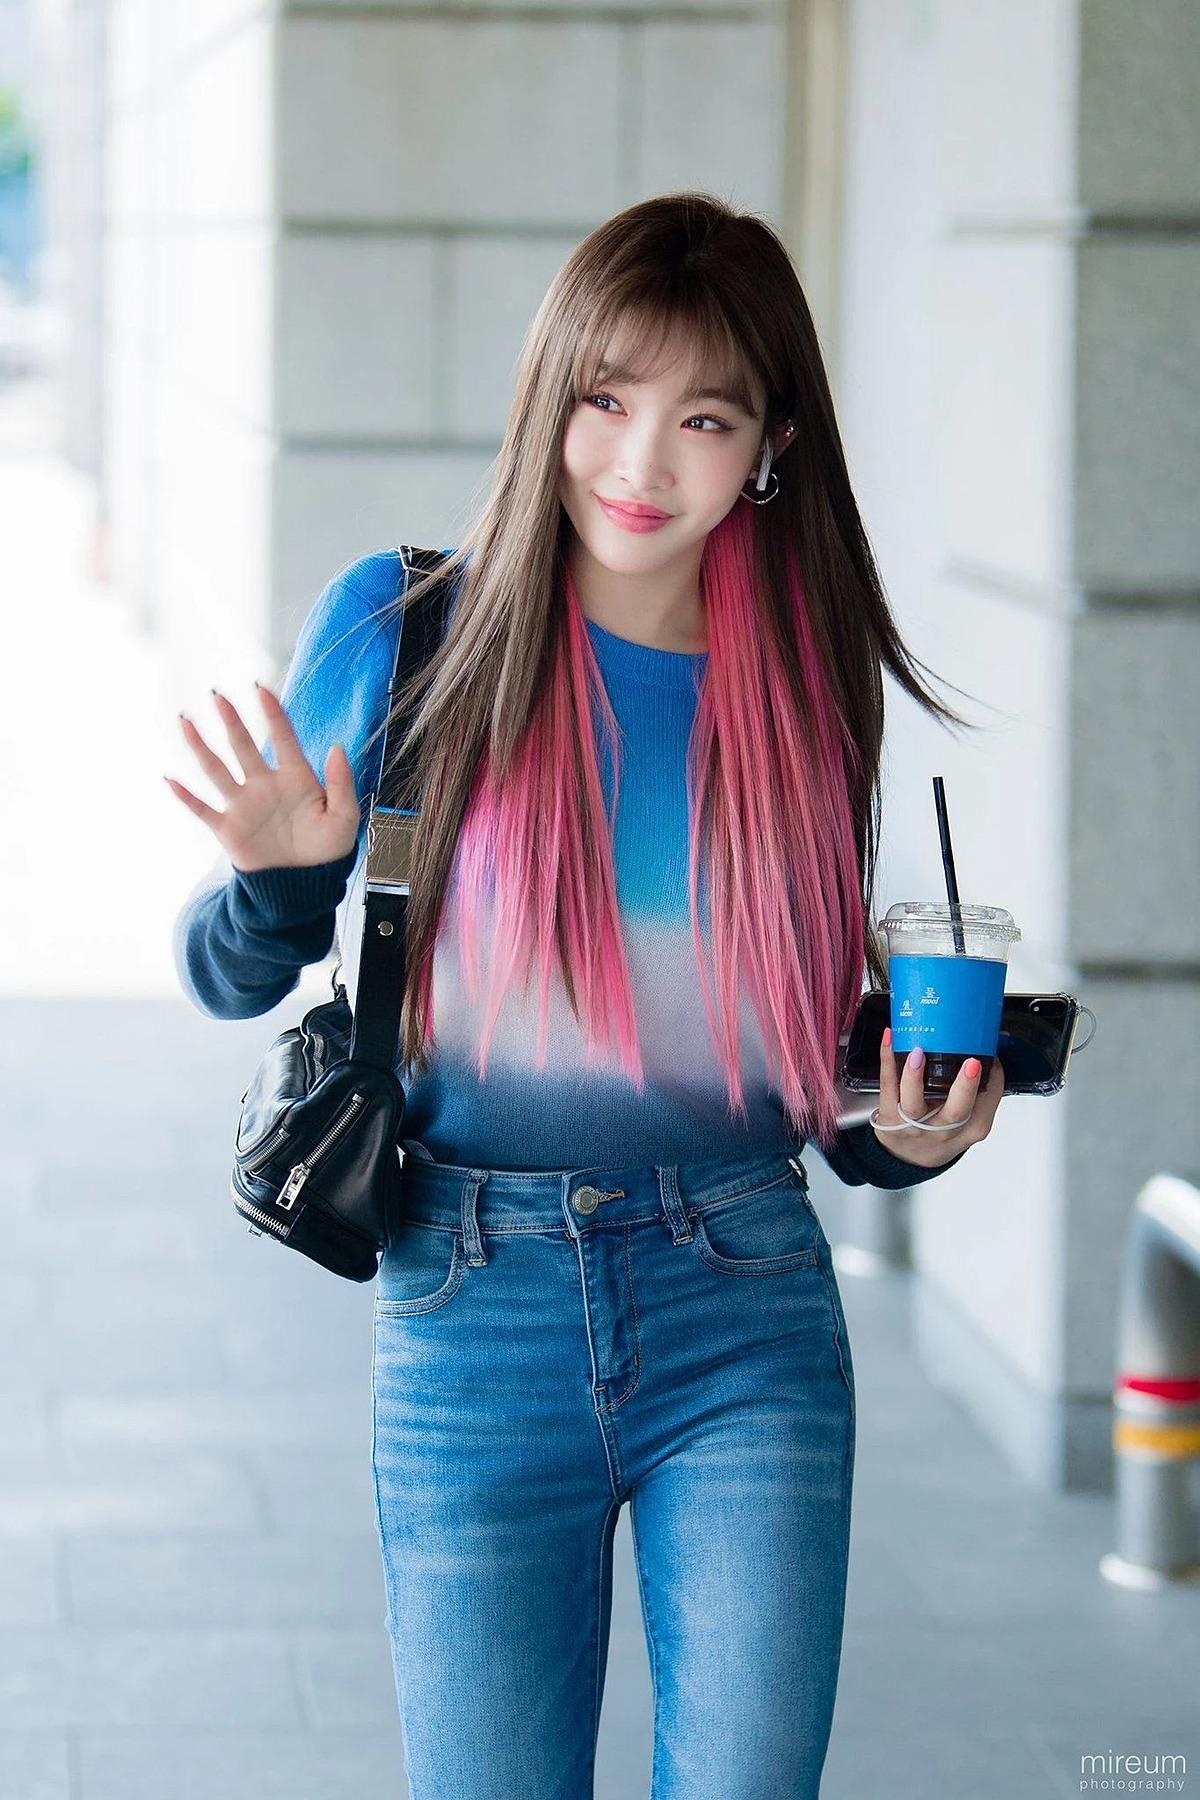 Kiểu tóc hai lớp giúp gương mặt Chung Ha thêm tươi sáng, trẻ trung.